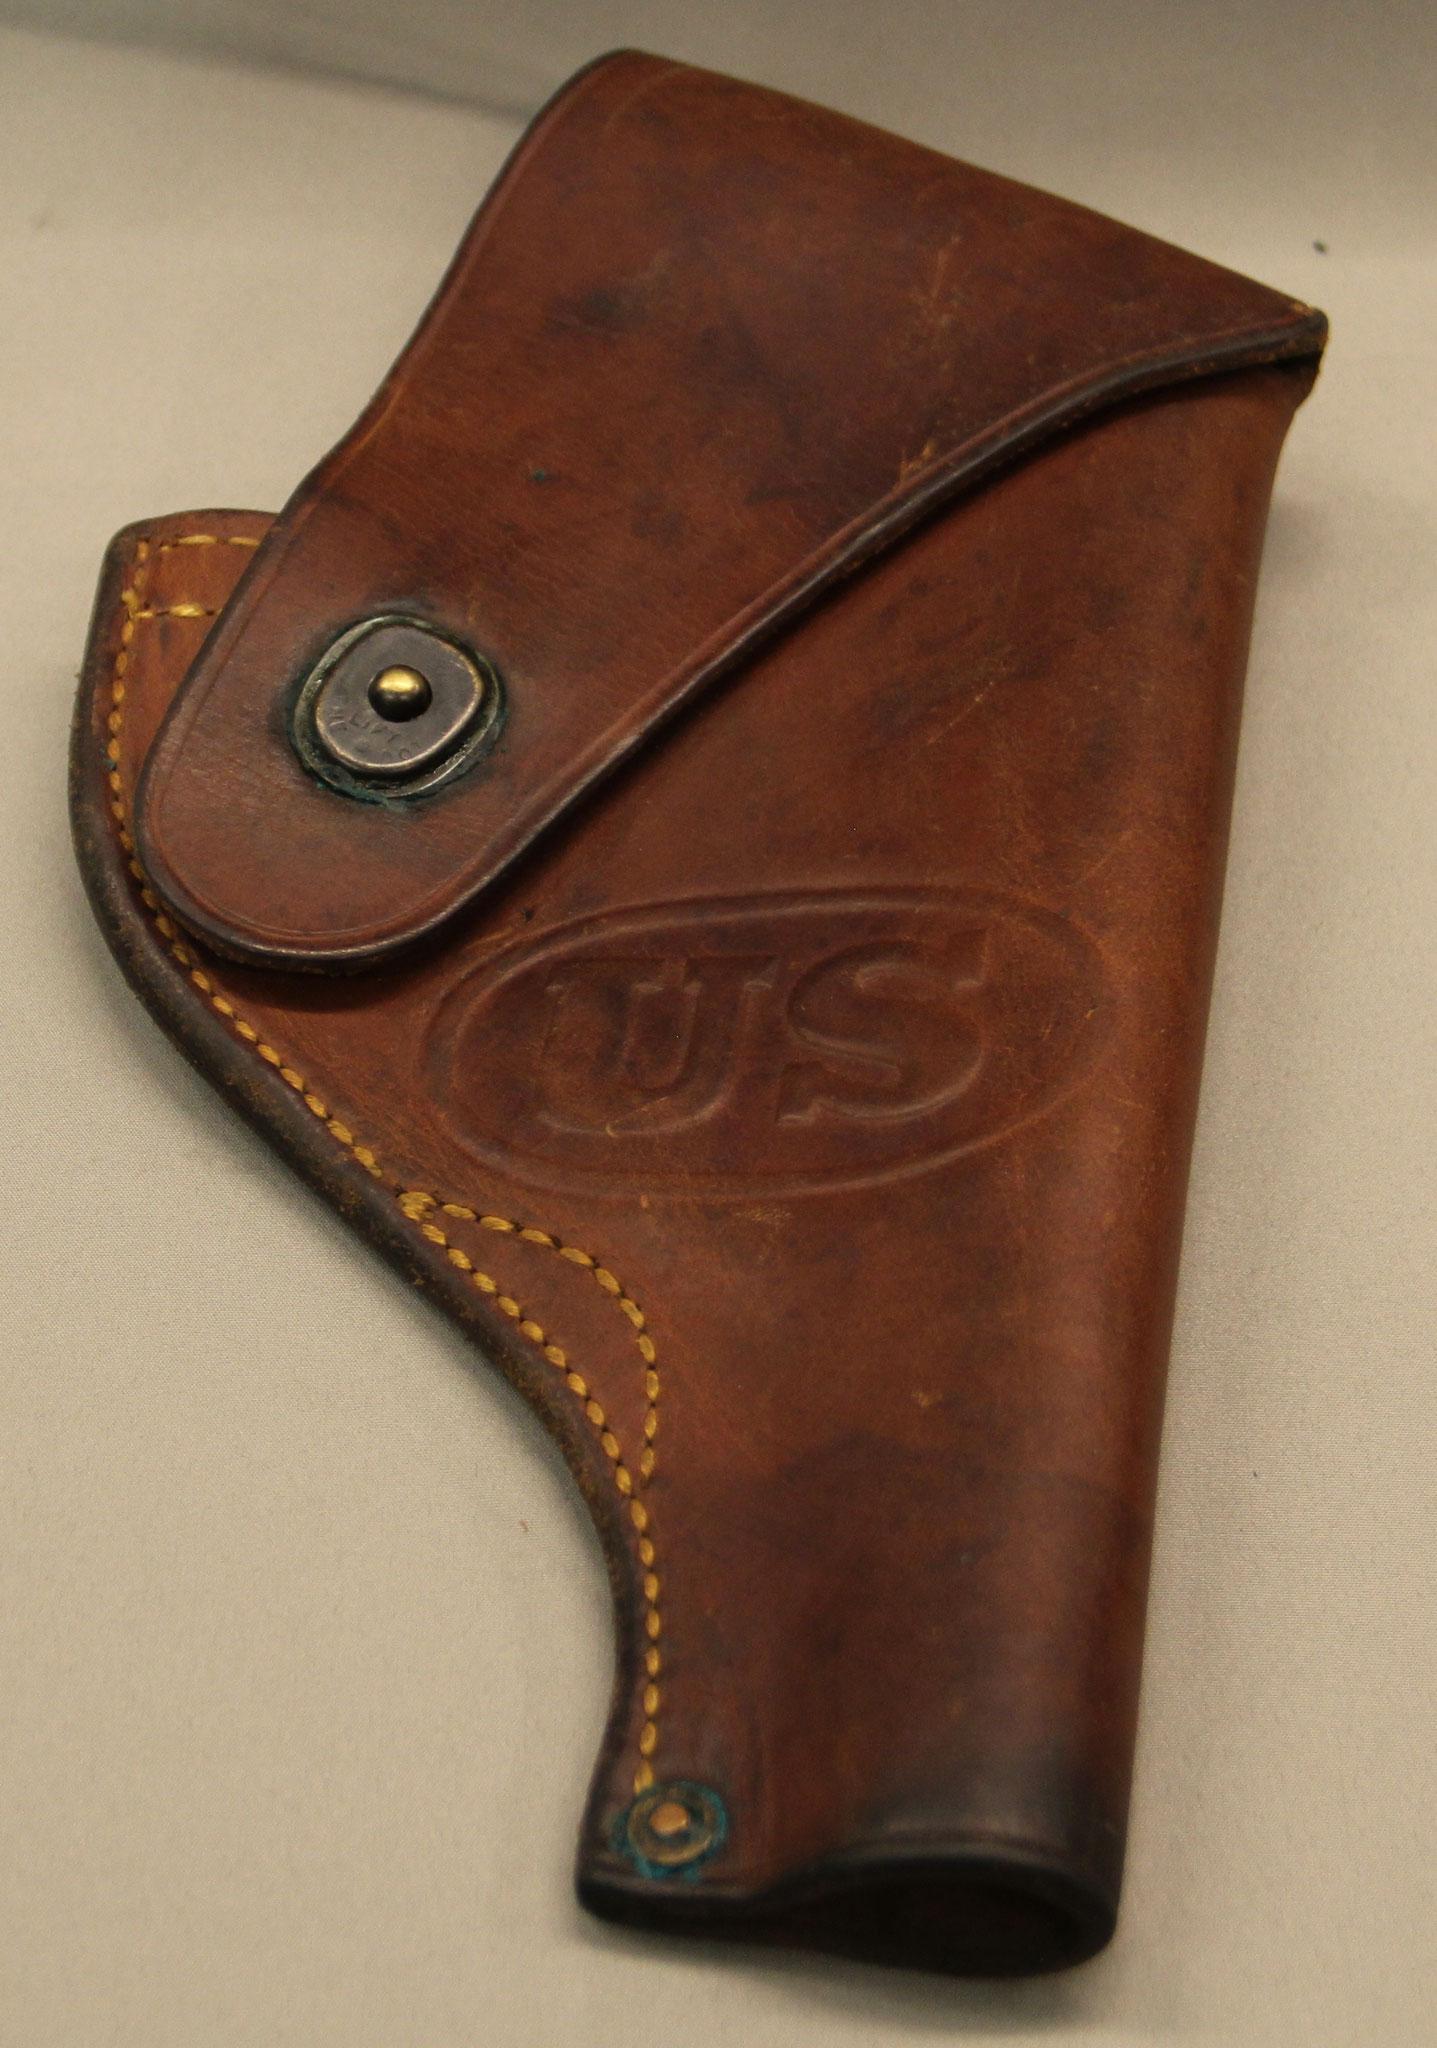 Rock Island Arsenal holster voor een S&W revolver, uit WW II, herkeurd met opslagstempel uit 1955. € 100,-